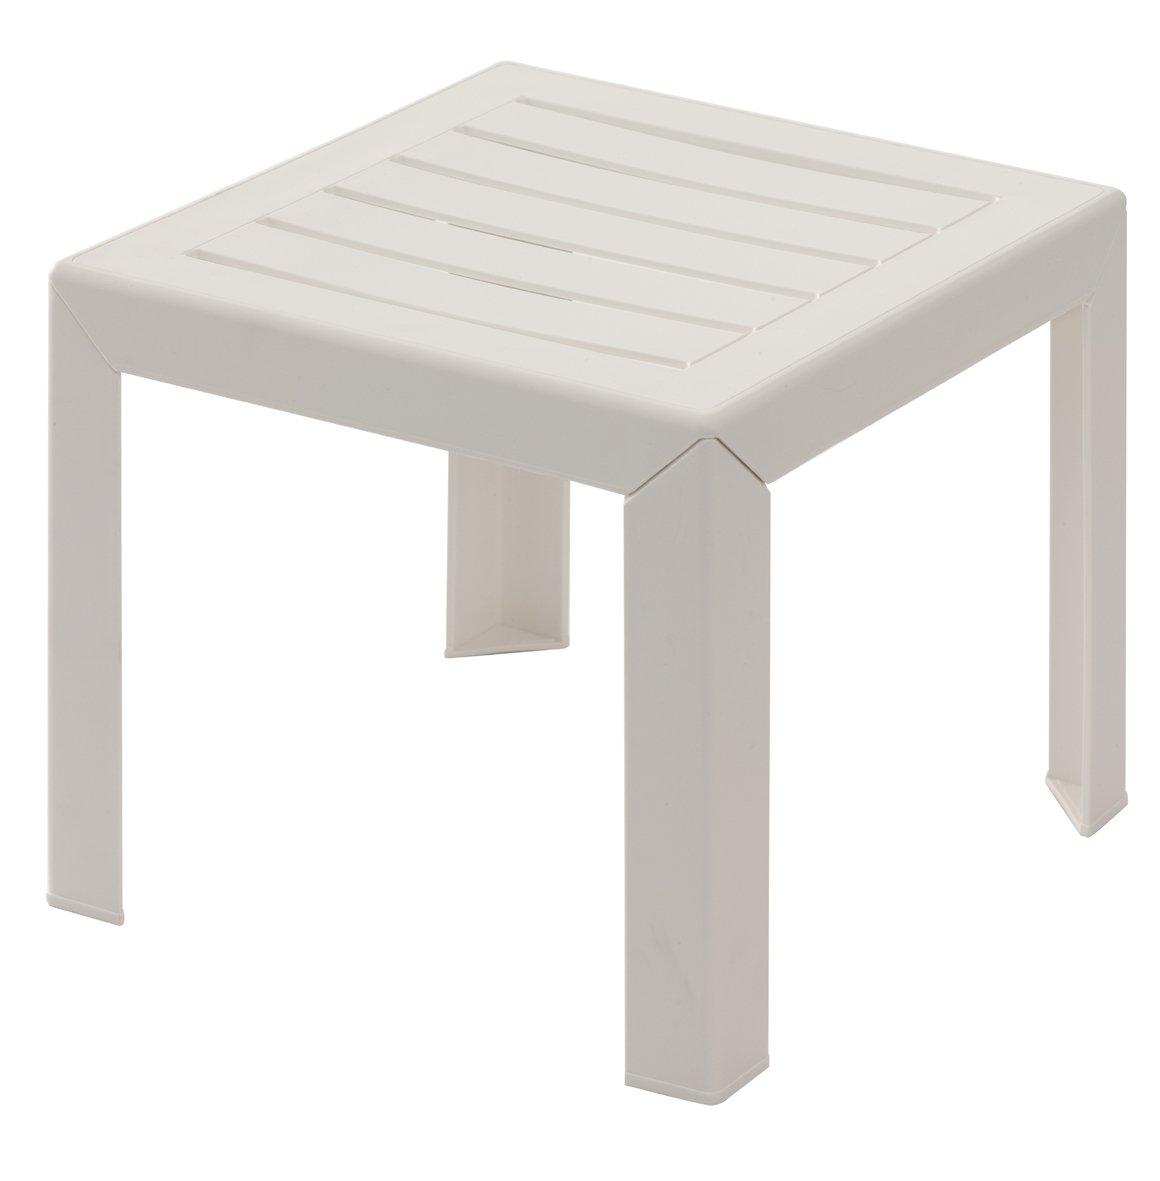 マイアミサイドテーブル40x40 04ホワイト B0002DF0W8